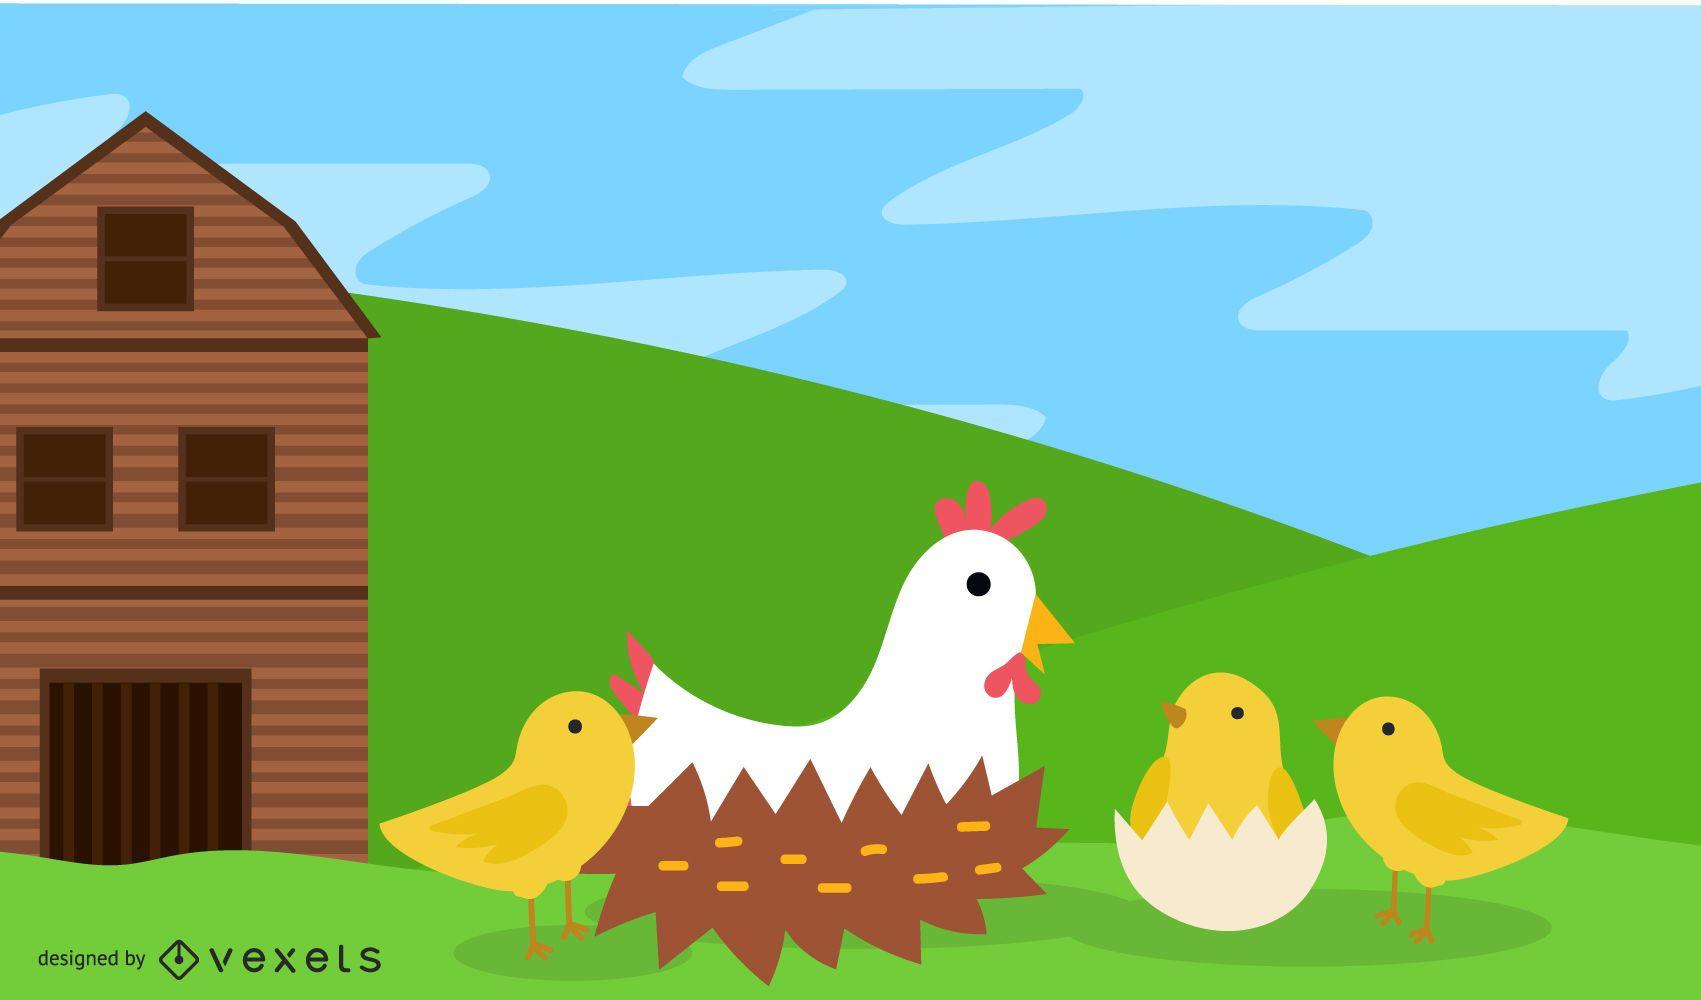 Granja con gallinas y pollitos.